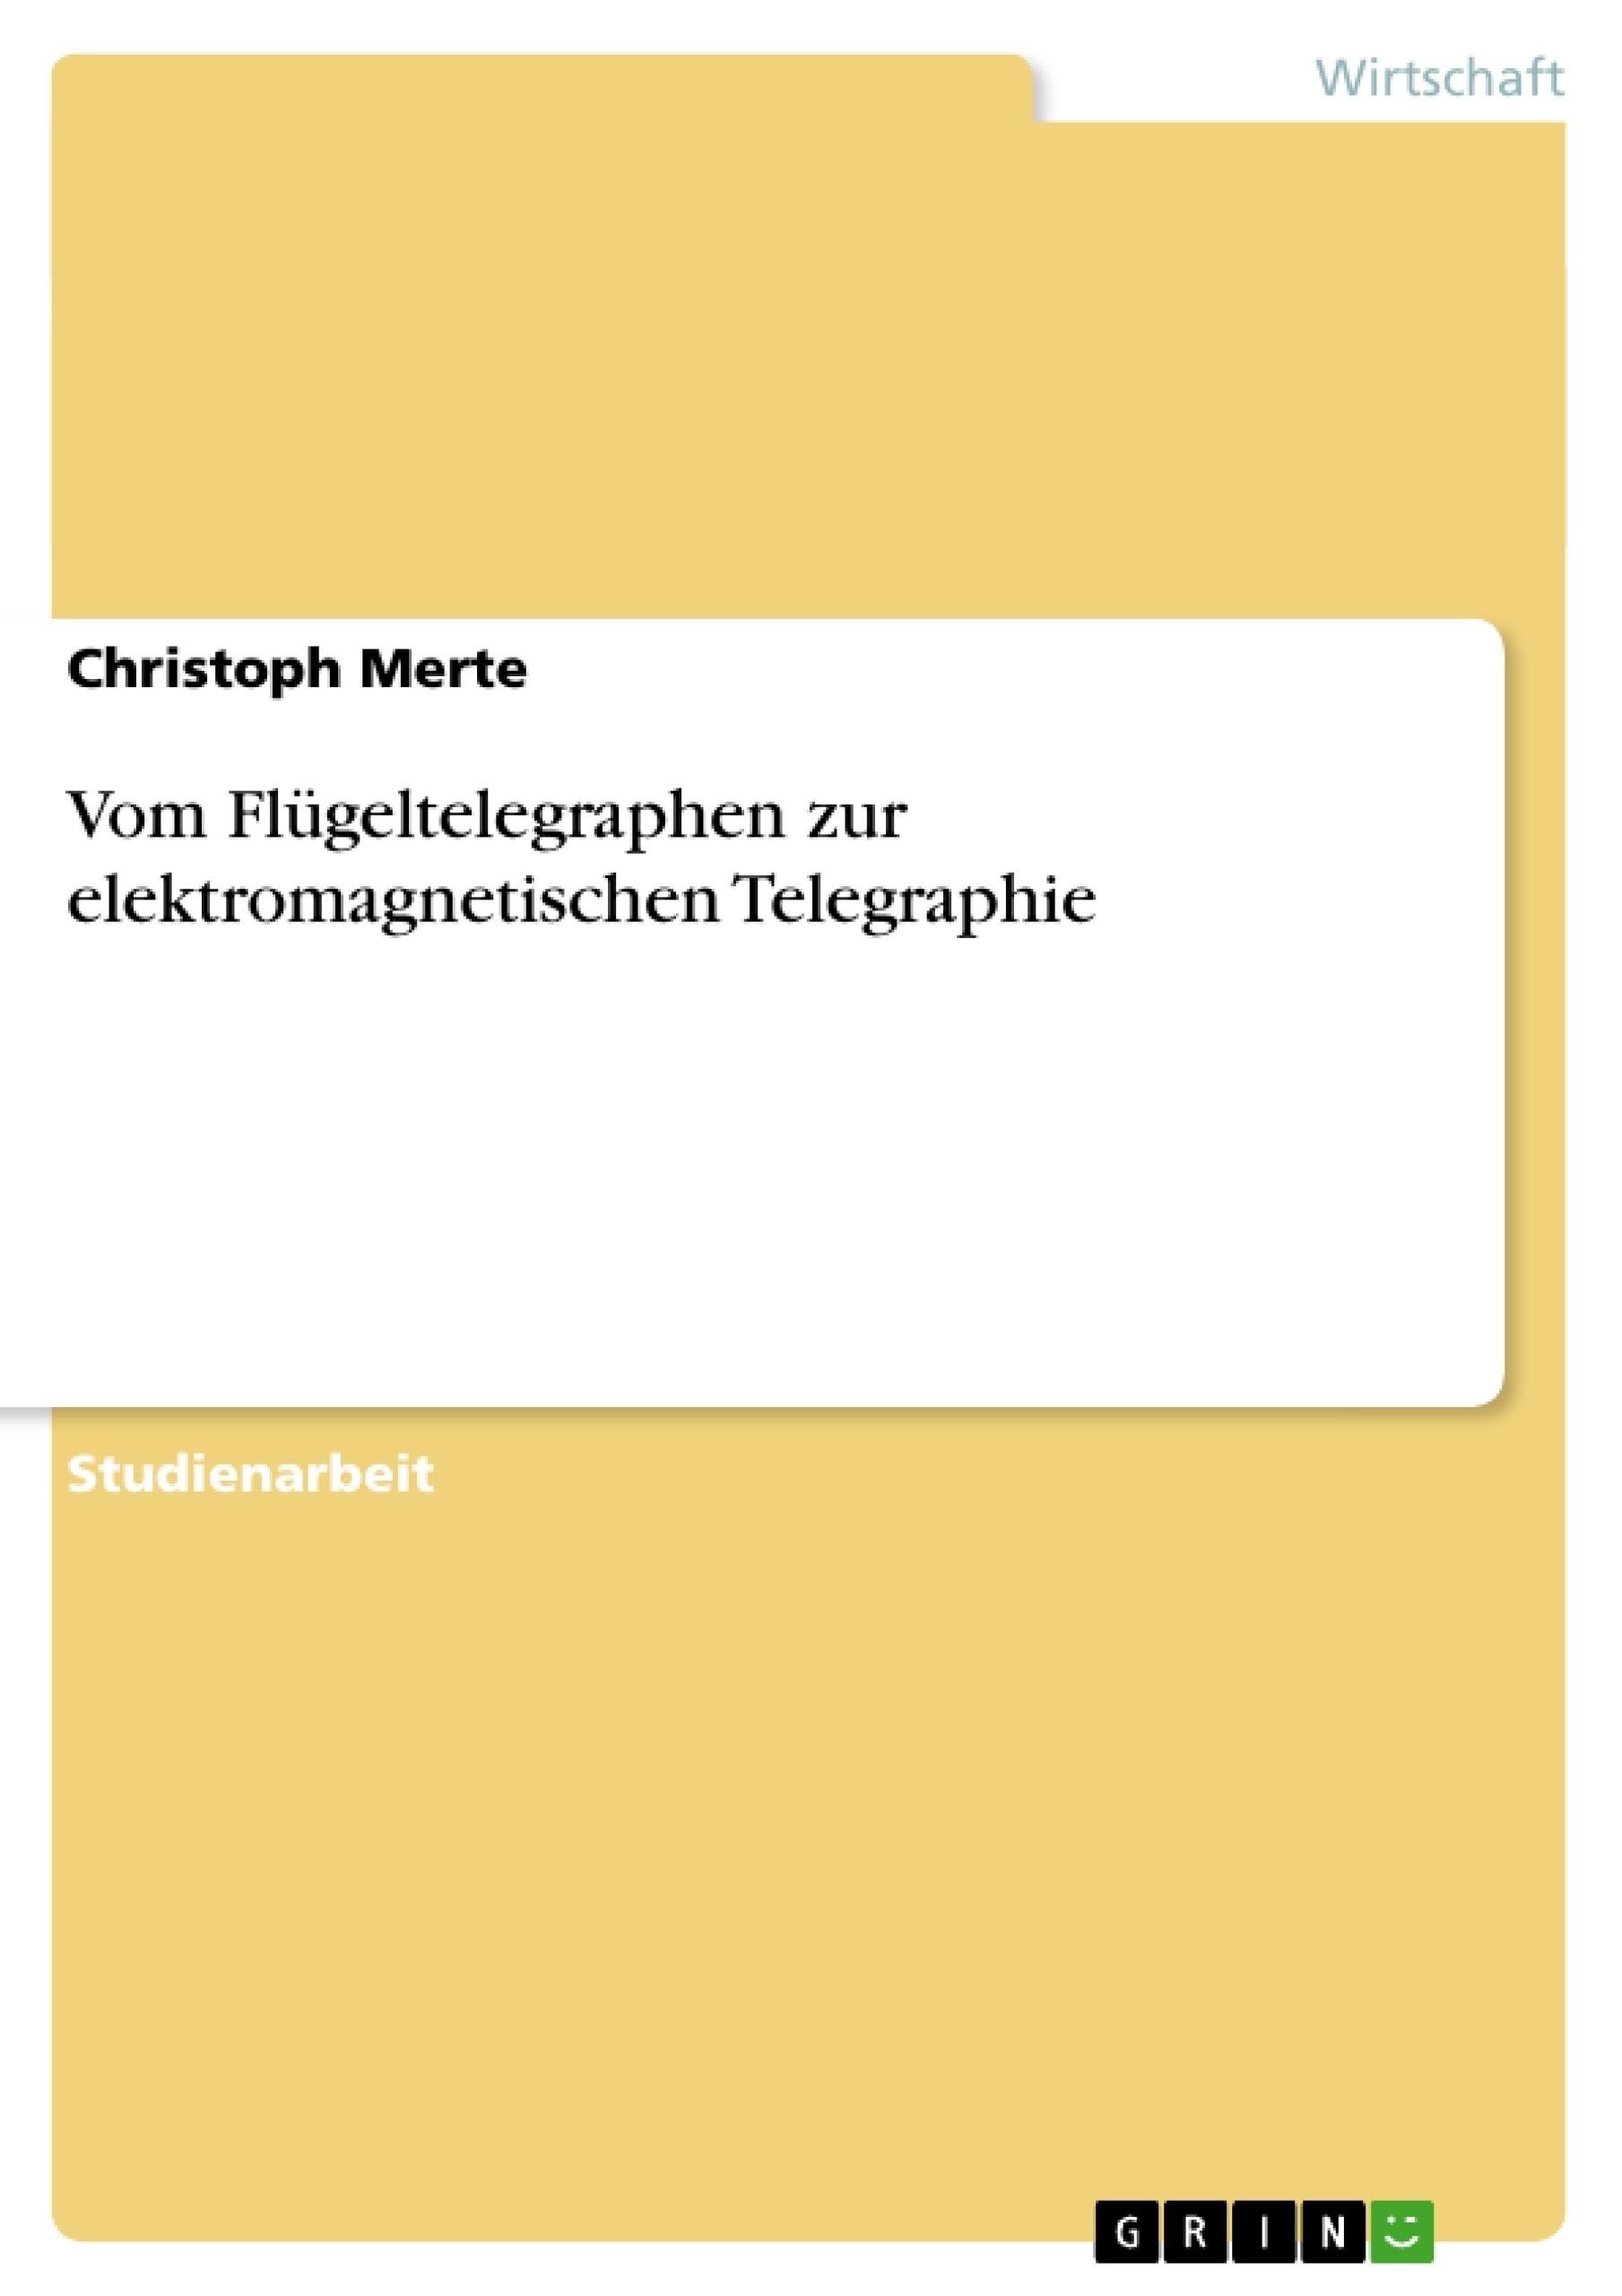 Titel: Vom Flügeltelegraphen zur elektromagnetischen Telegraphie